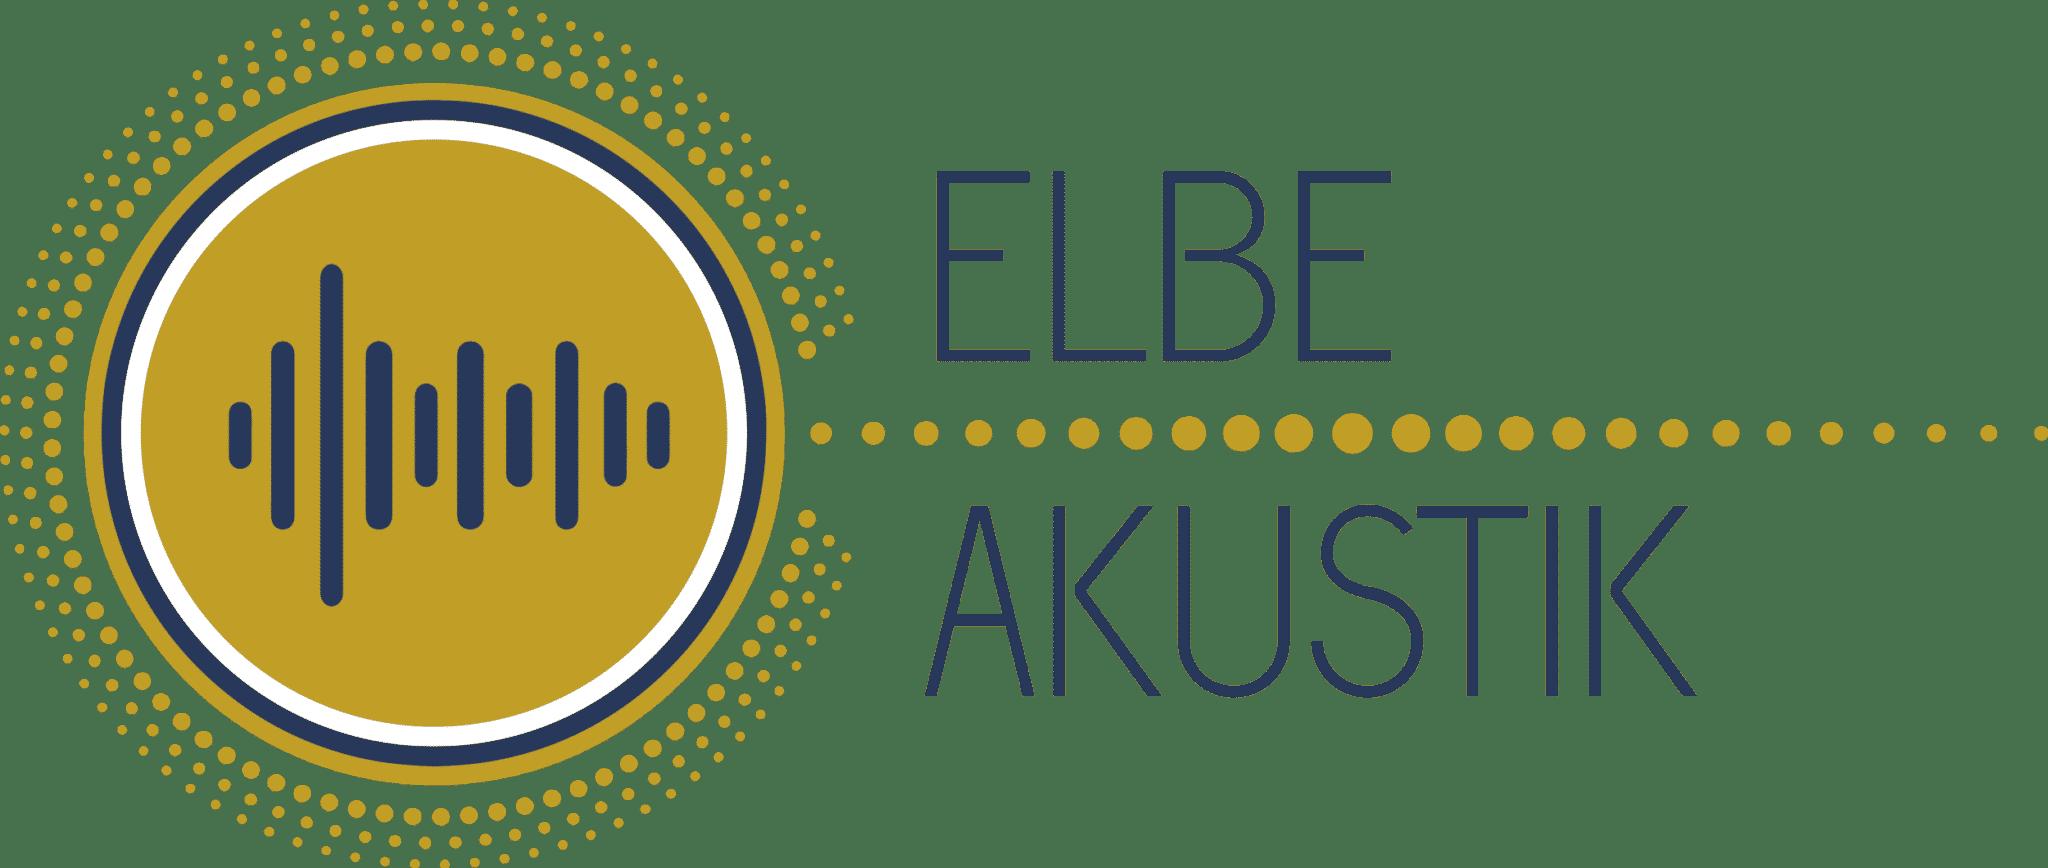 Elbe-Akustik